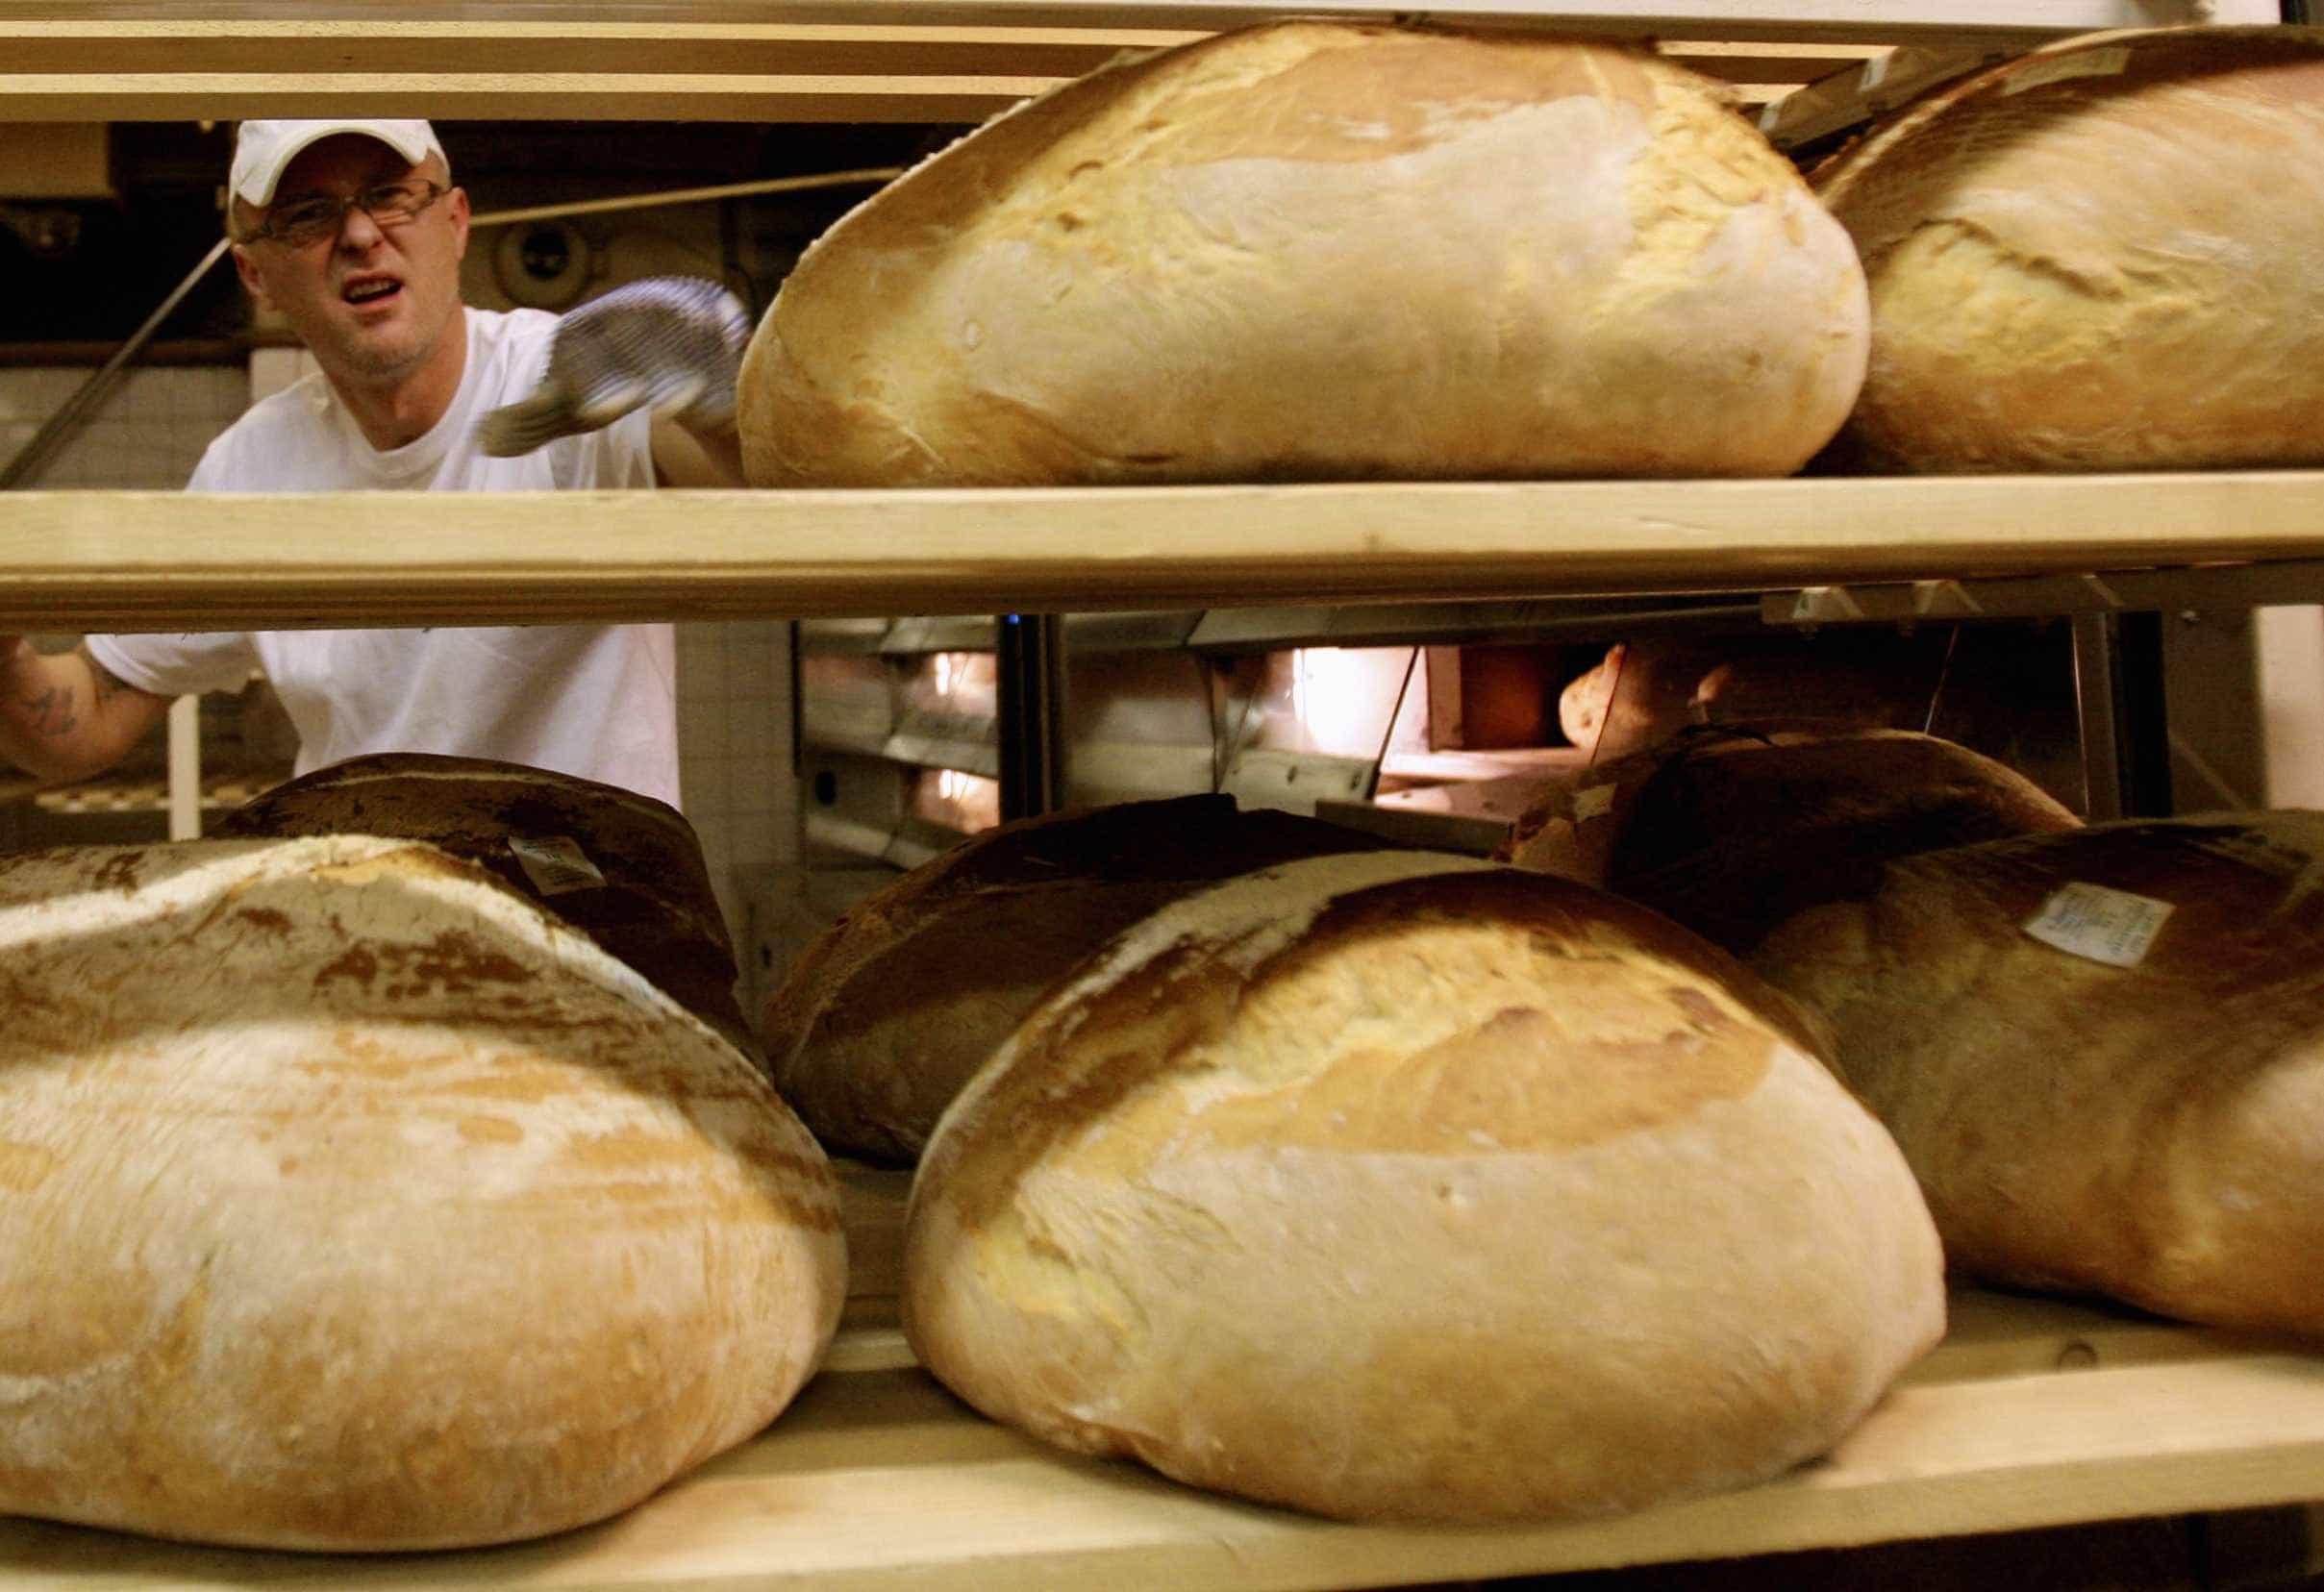 Associação compromete-se a não fazer declarações sobre preços do pão